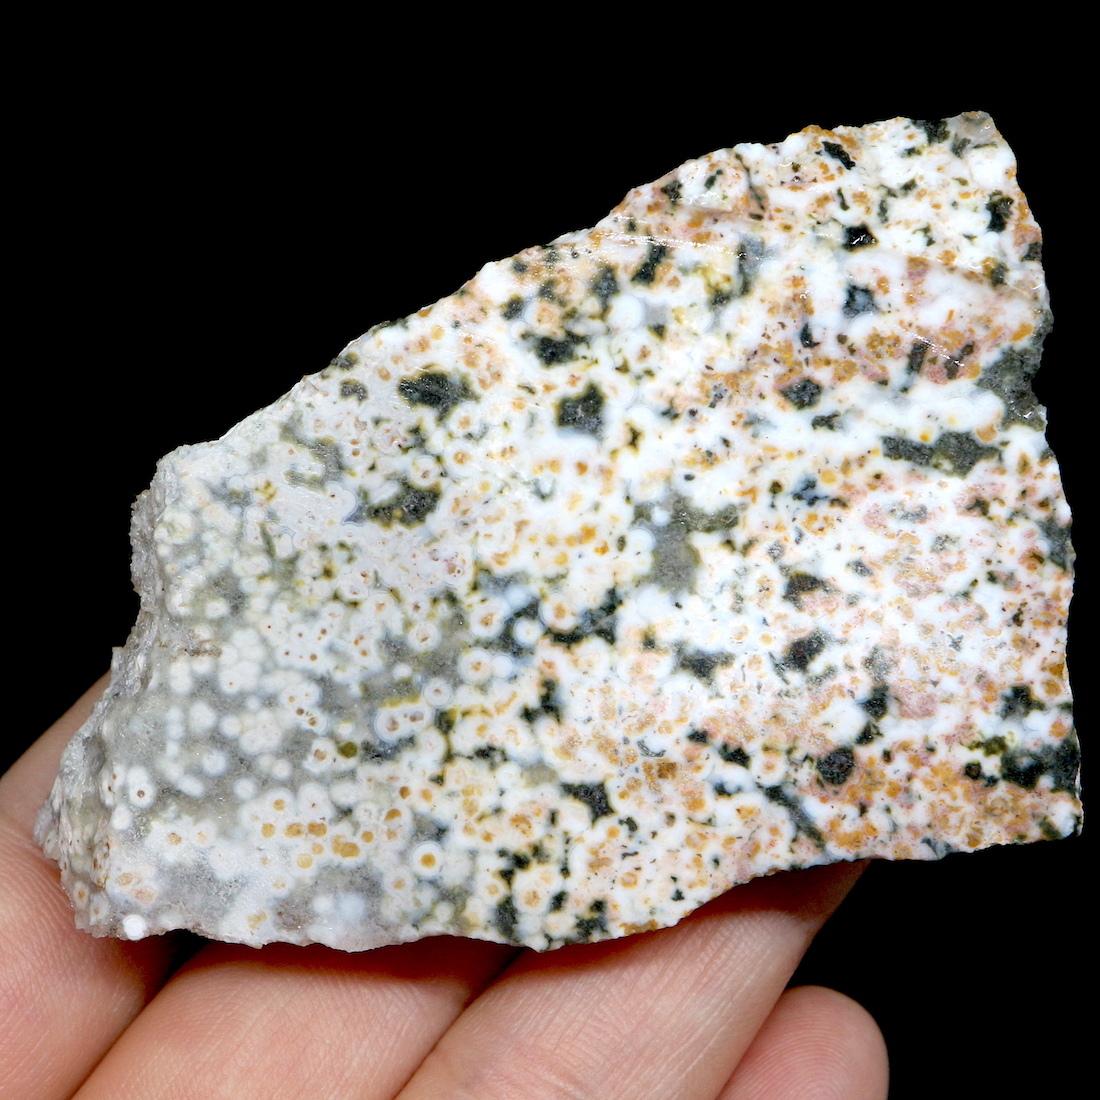 オーシャンジャスパー マダガスカル産 80,7g OJ099 鉱物 天然石 原石 パワーストーン